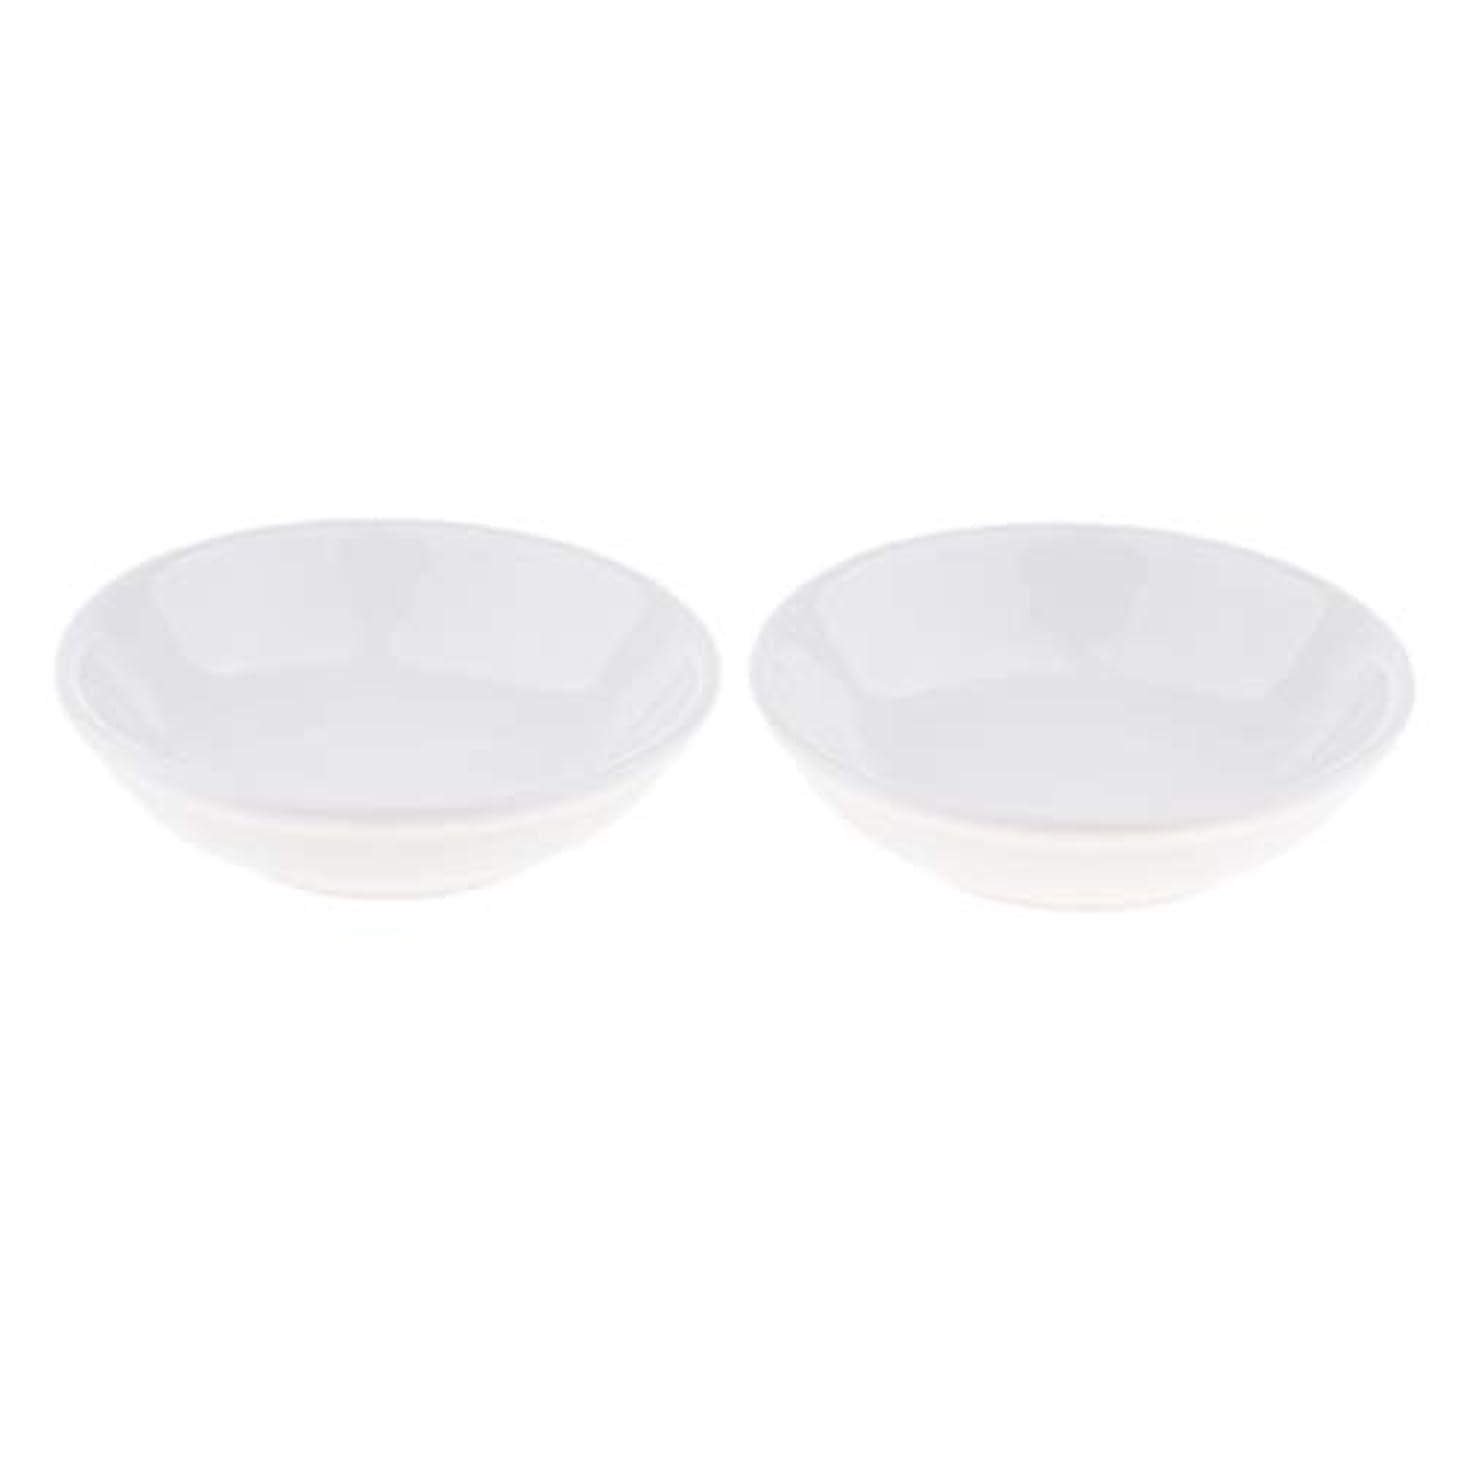 あらゆる種類のバラ色早くディッシュ 皿 セラミック オイルウォーマー 取り替え用 装飾 置物 2個入